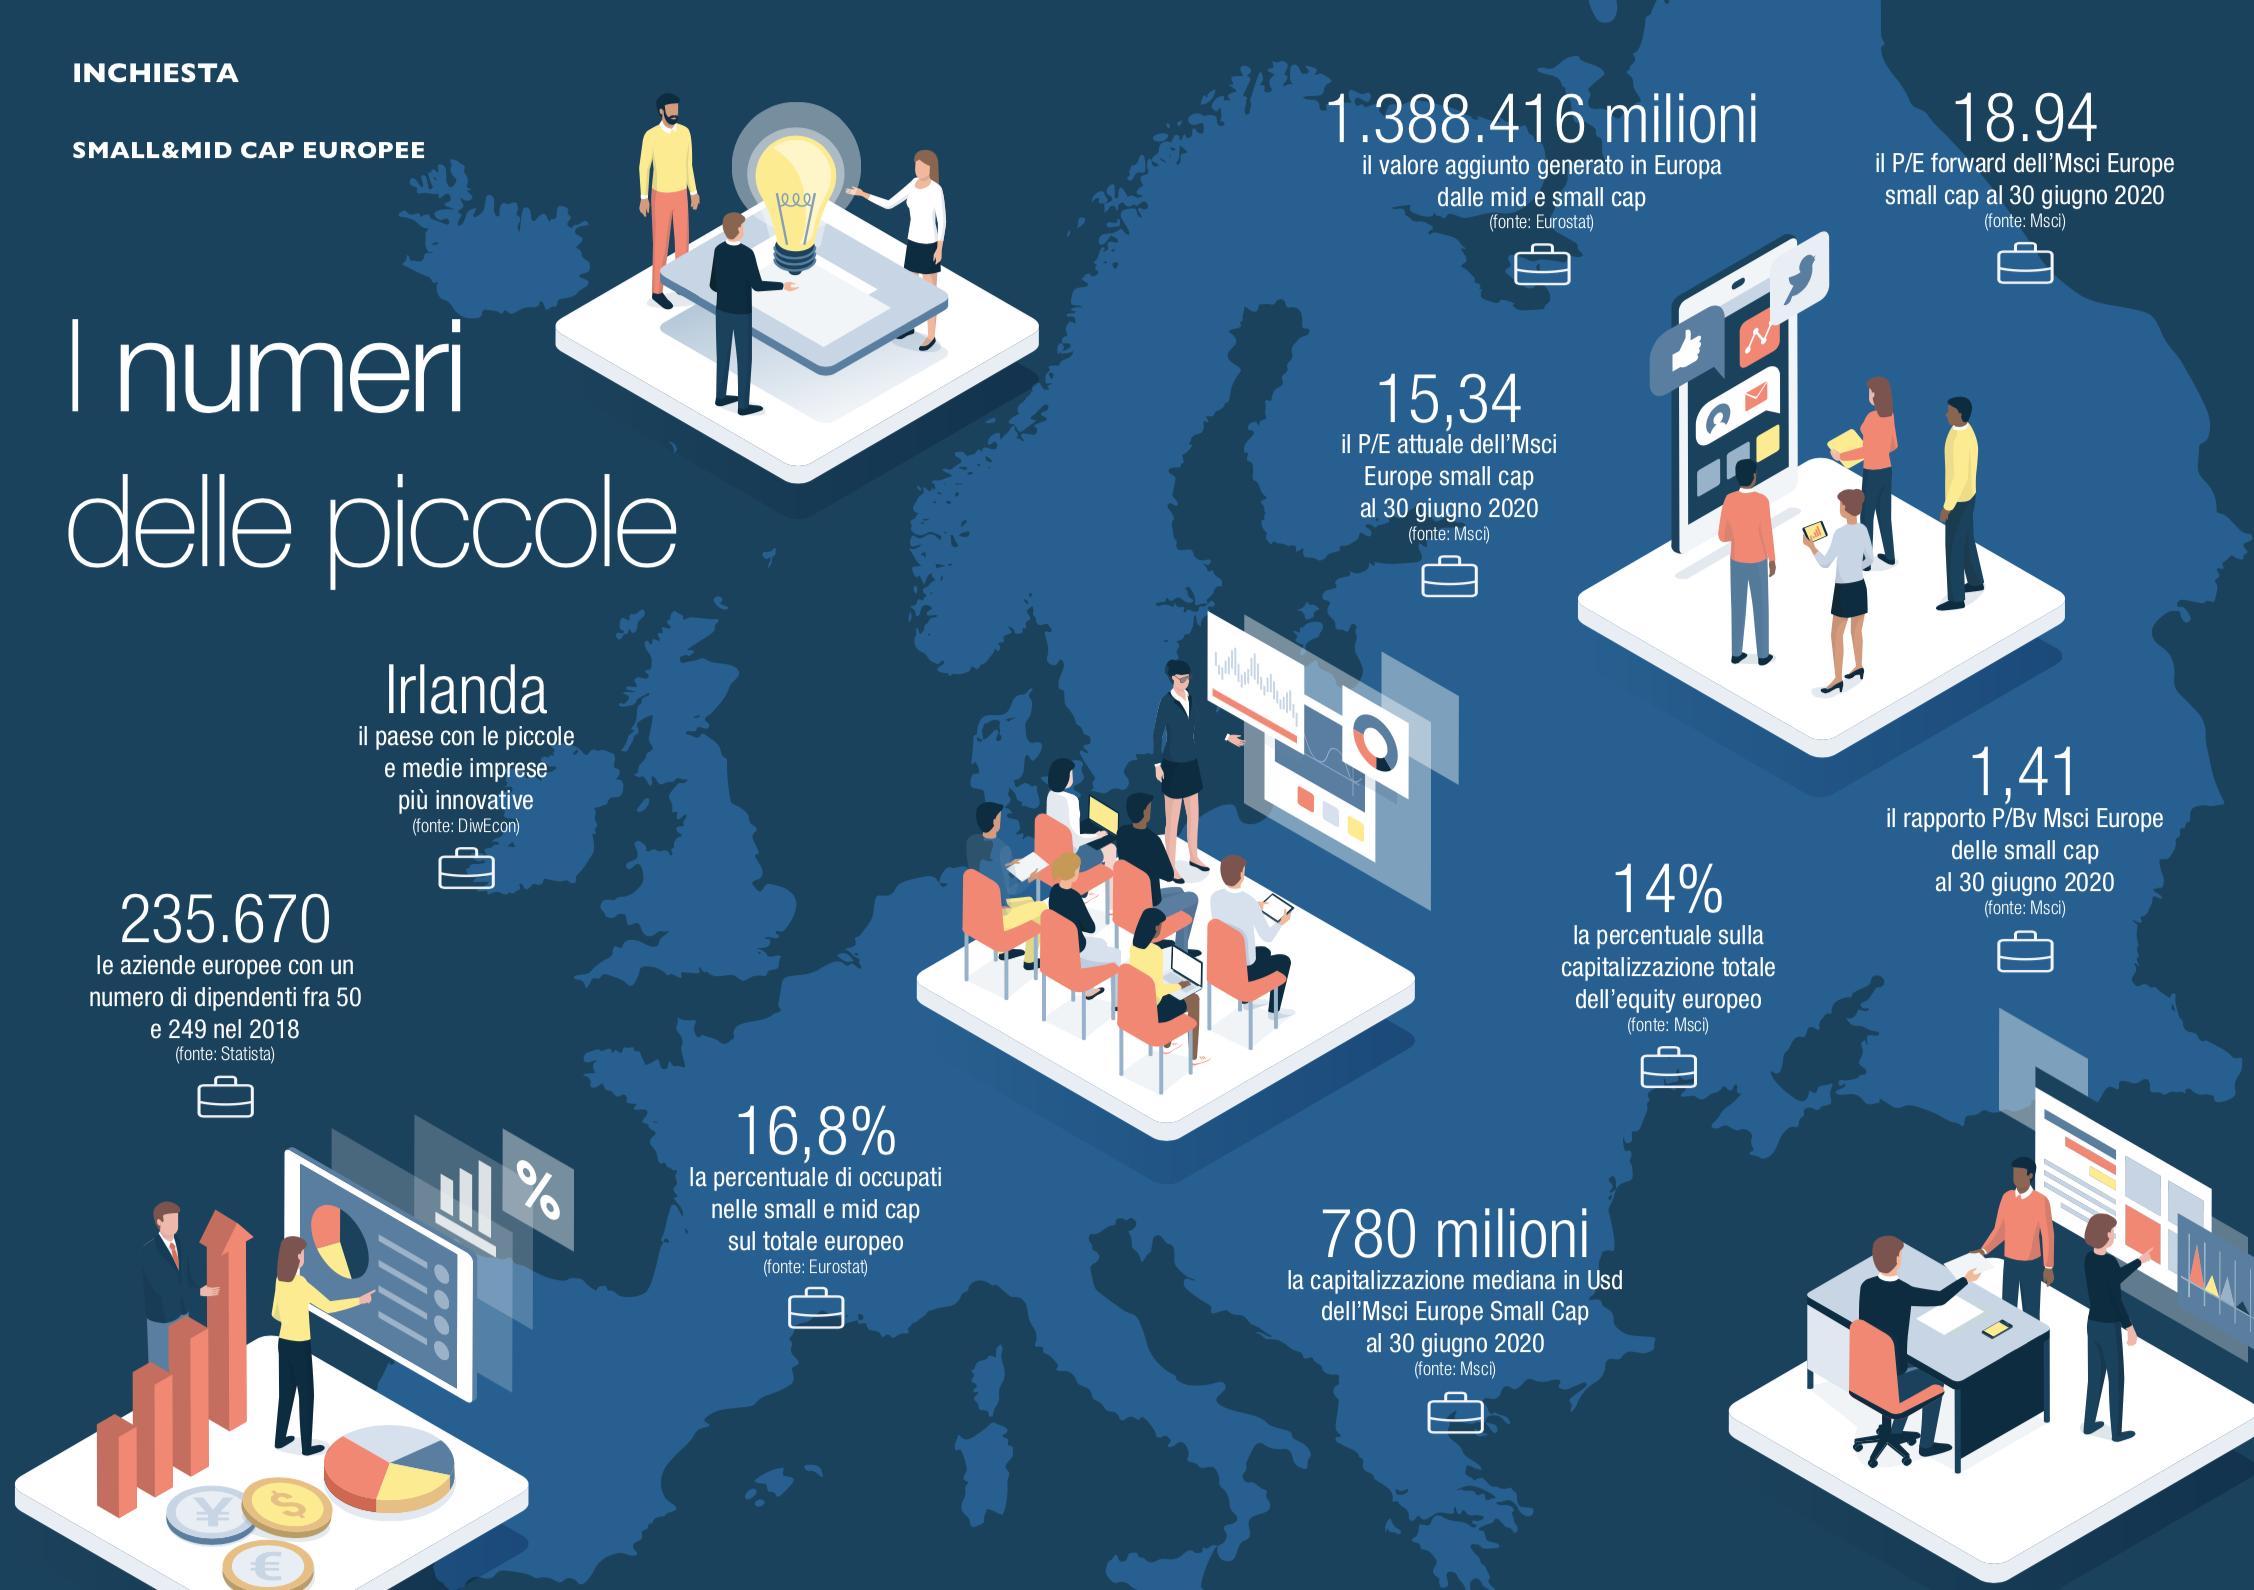 Small&mid cap europee. I numeri delle piccole